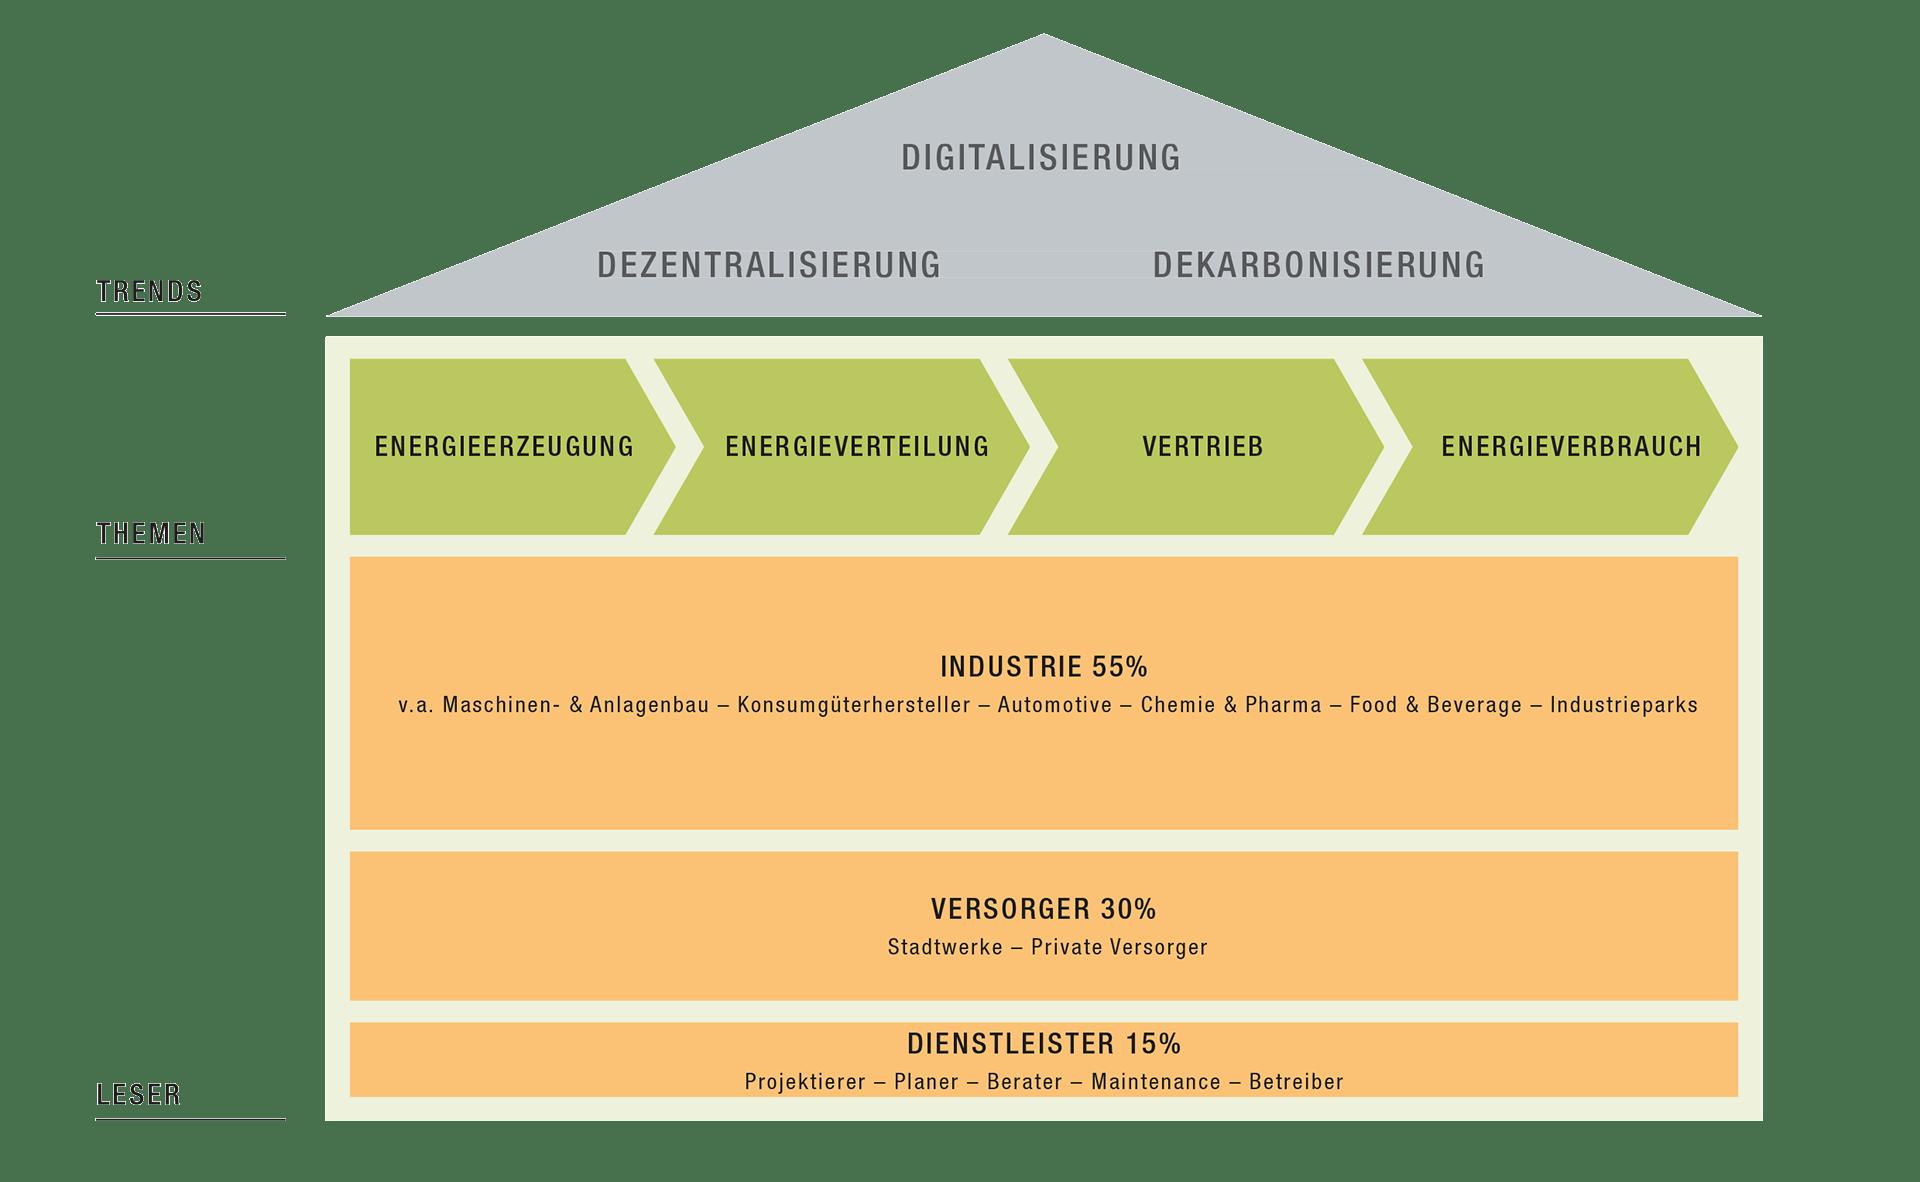 Energy 4.0 fokussiert das Haus der Digitalisierung der Energie